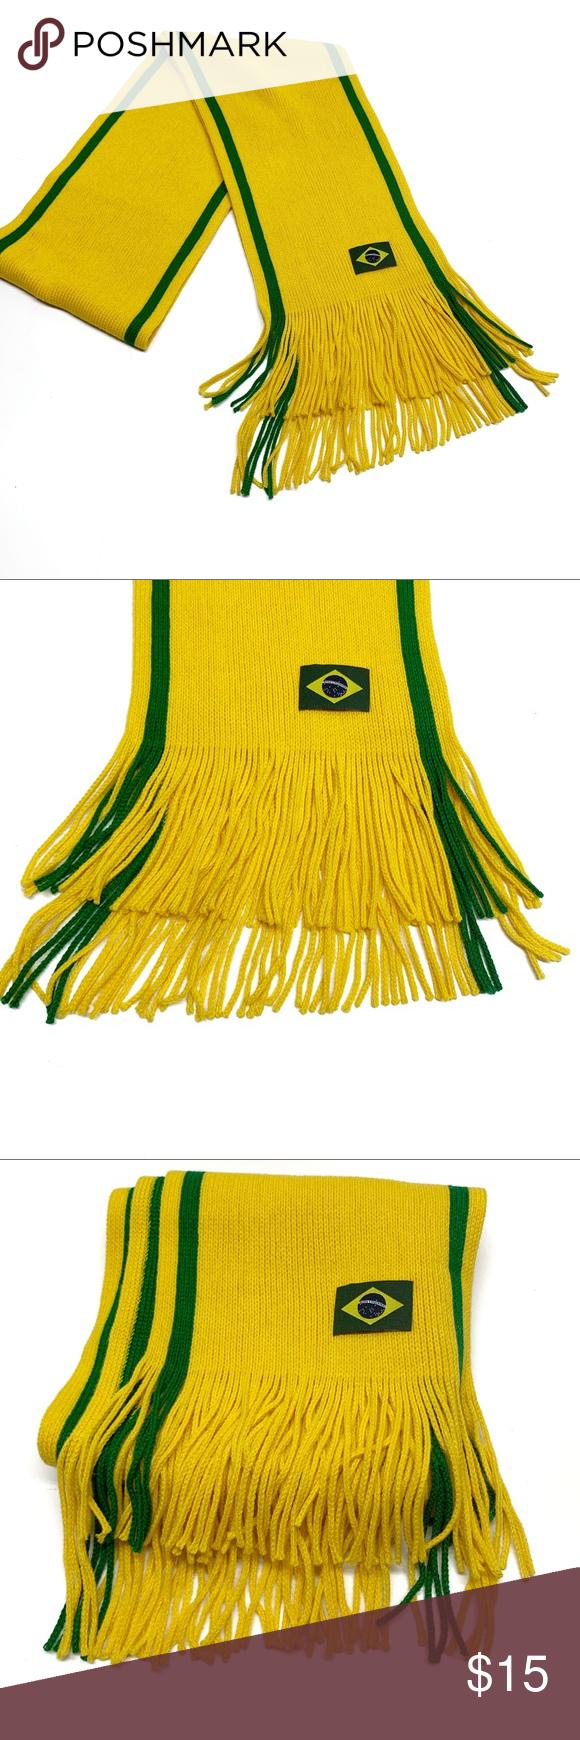 Brazil Flag Fringed Scarf Portuguese Brazilian Flag Fringed Scarf Portuguese Colors Are Yellow And Green New Witho Fringe Scarf Clothes Design Fringed